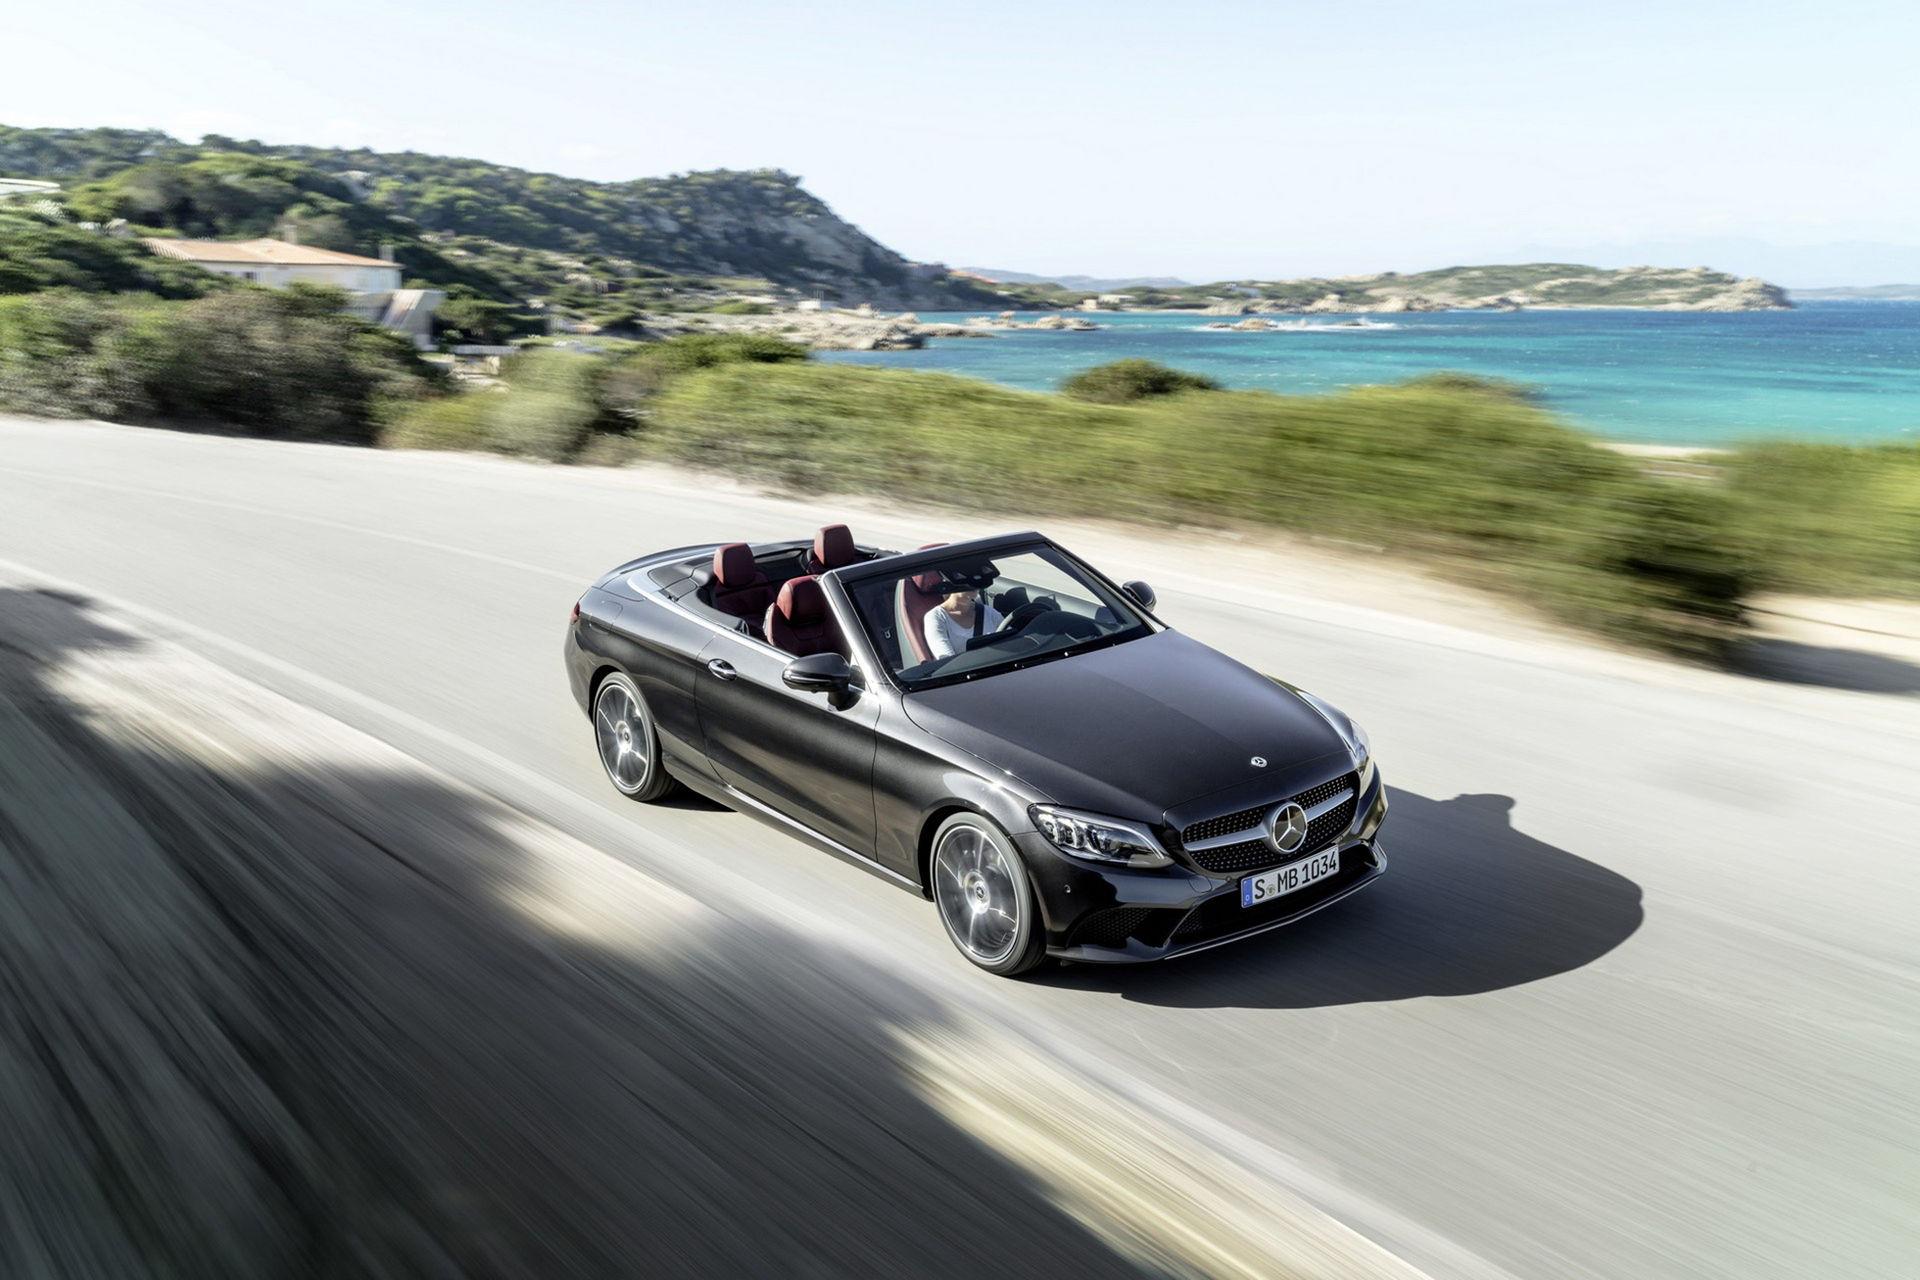 Mercedes lyfter även C-Klass Coupé och Cabriolet